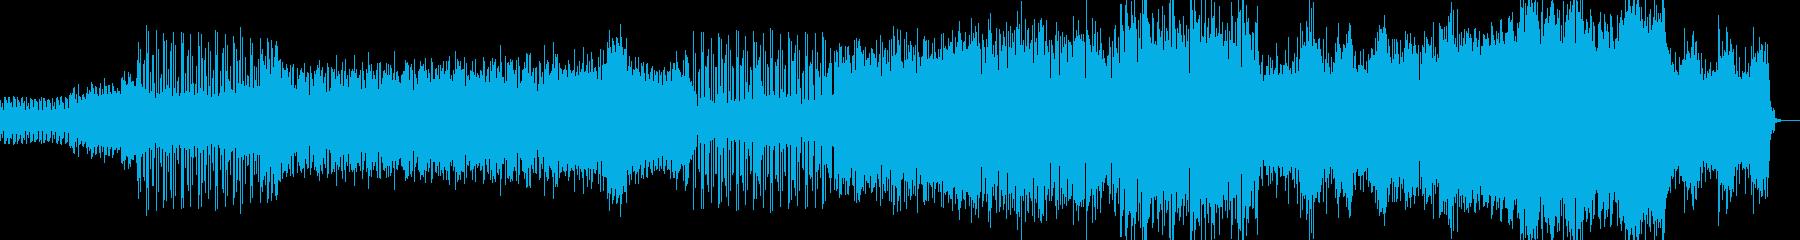 重厚感のあるテクノの再生済みの波形